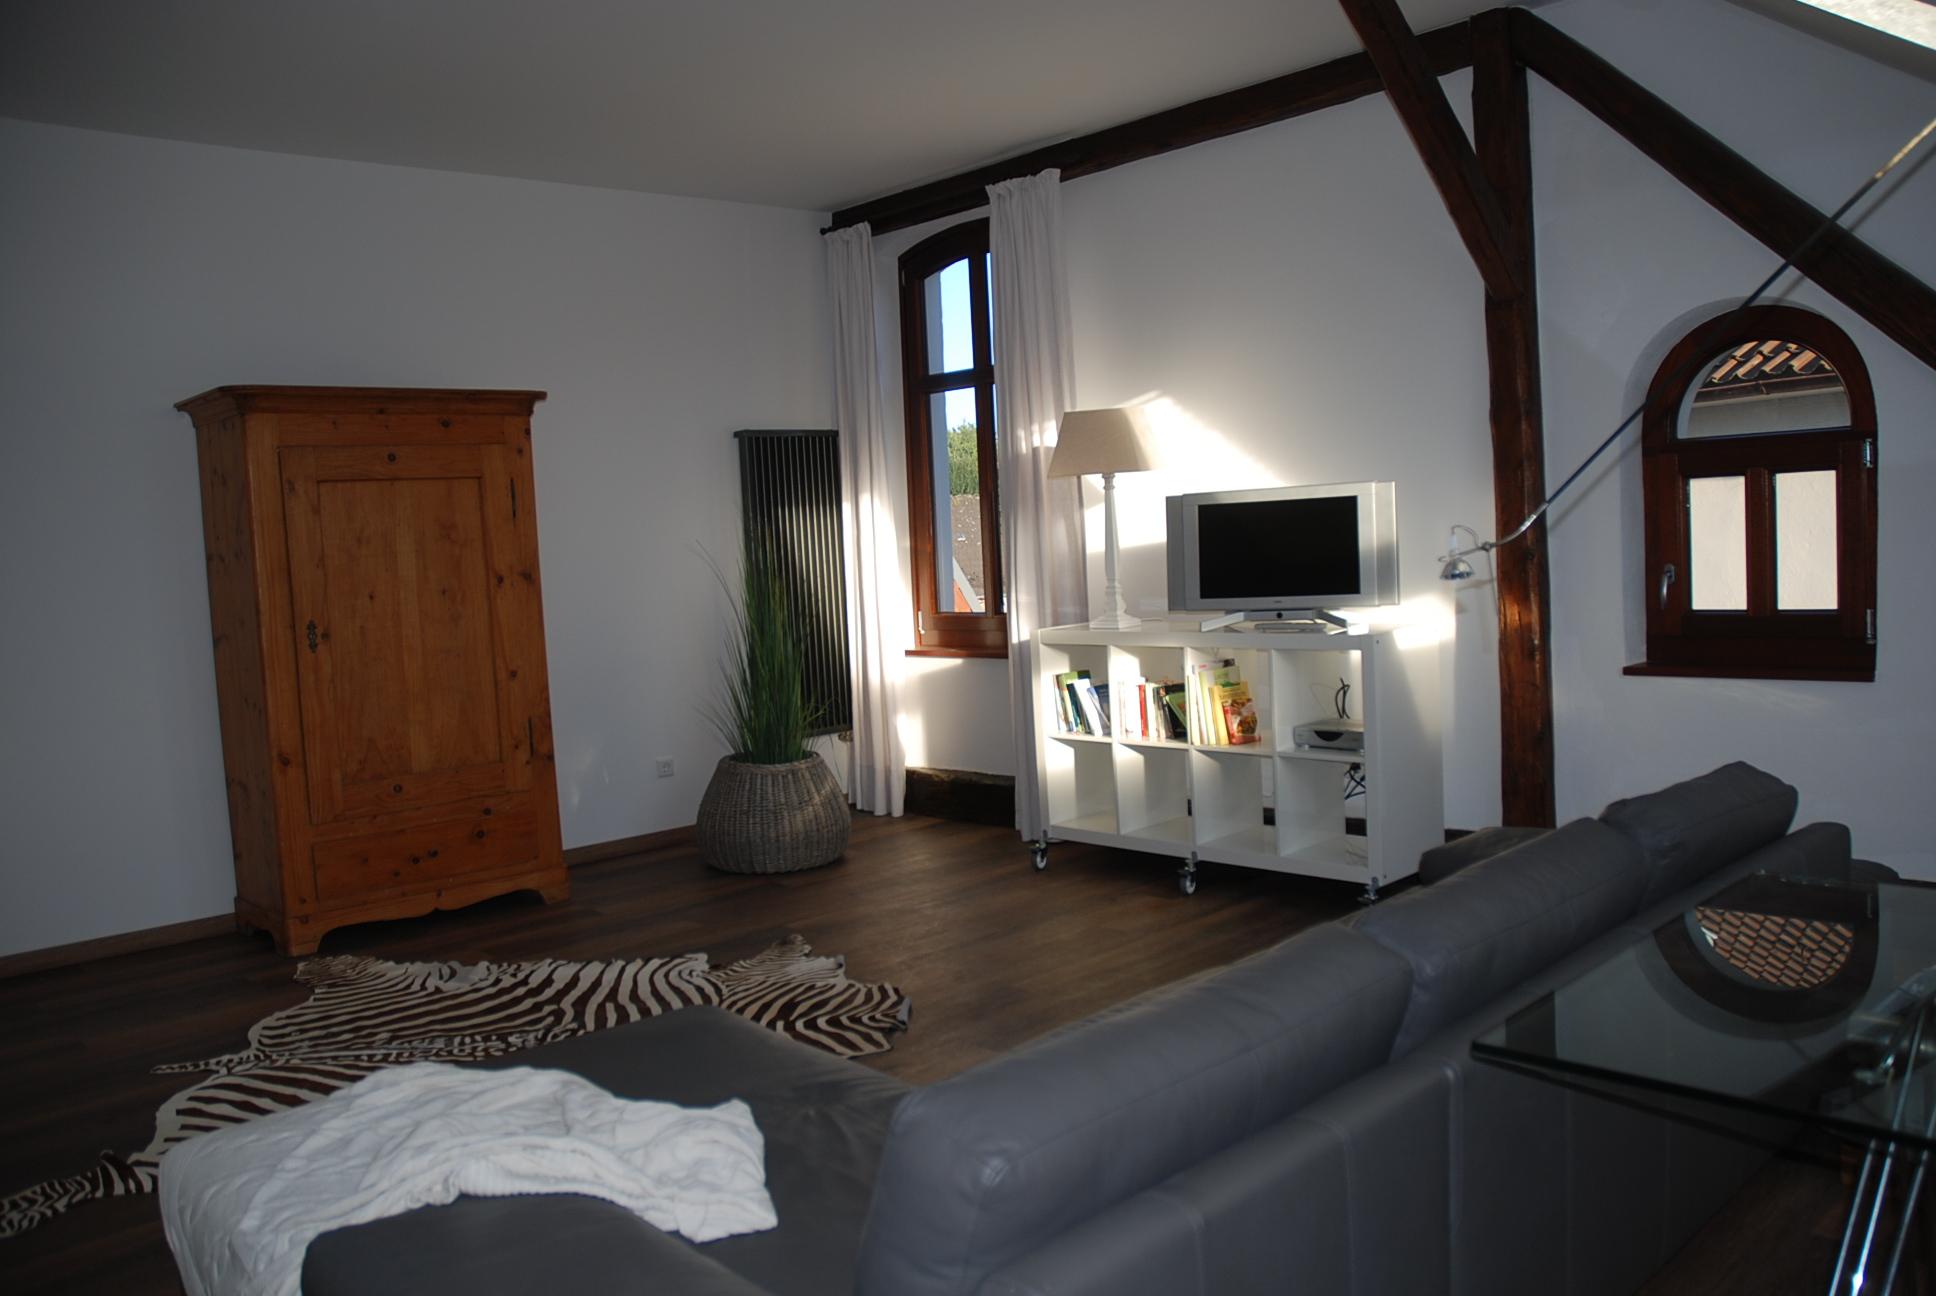 weitzel-boardinghouse-appart-muehlenstrasse-atelier-06